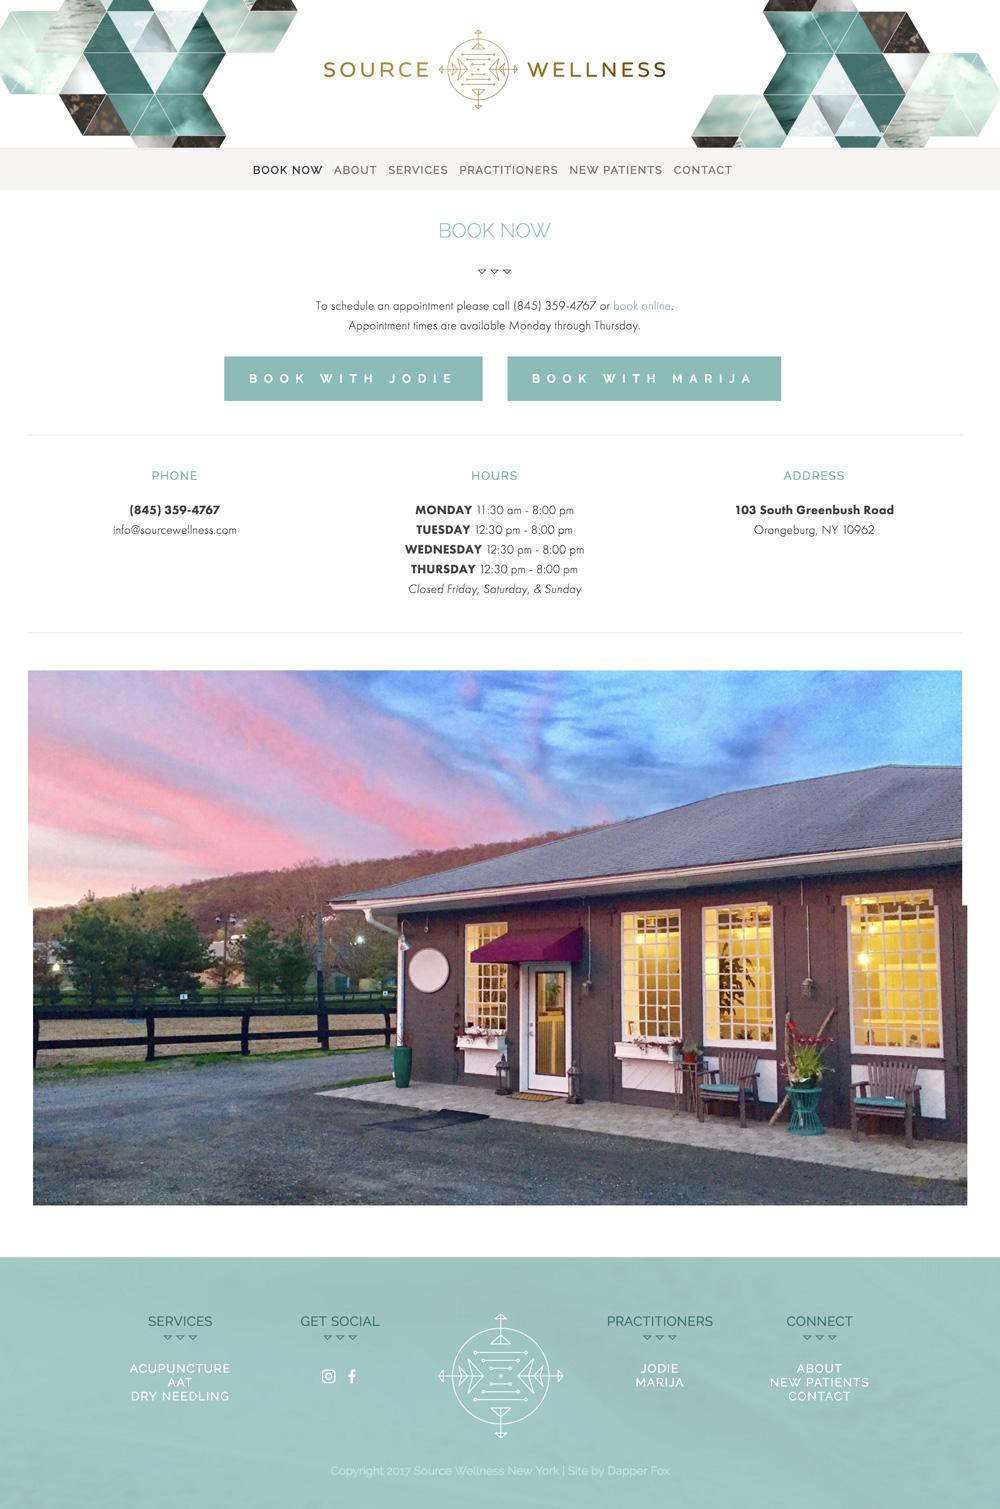 Source Wellness Orangeburg New York Squarespace Website Design and Branding by Dapper Fox Design